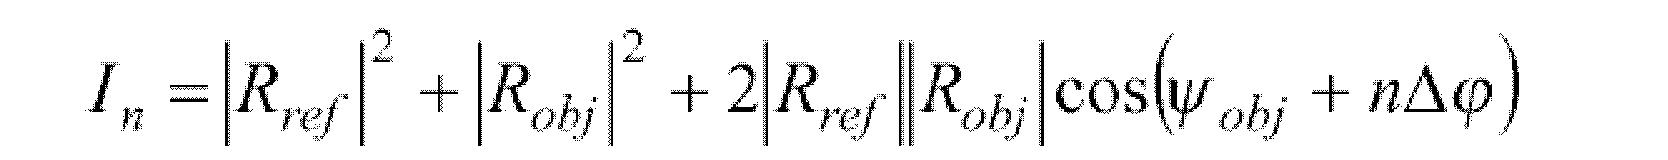 Figure CN102460129BD00131